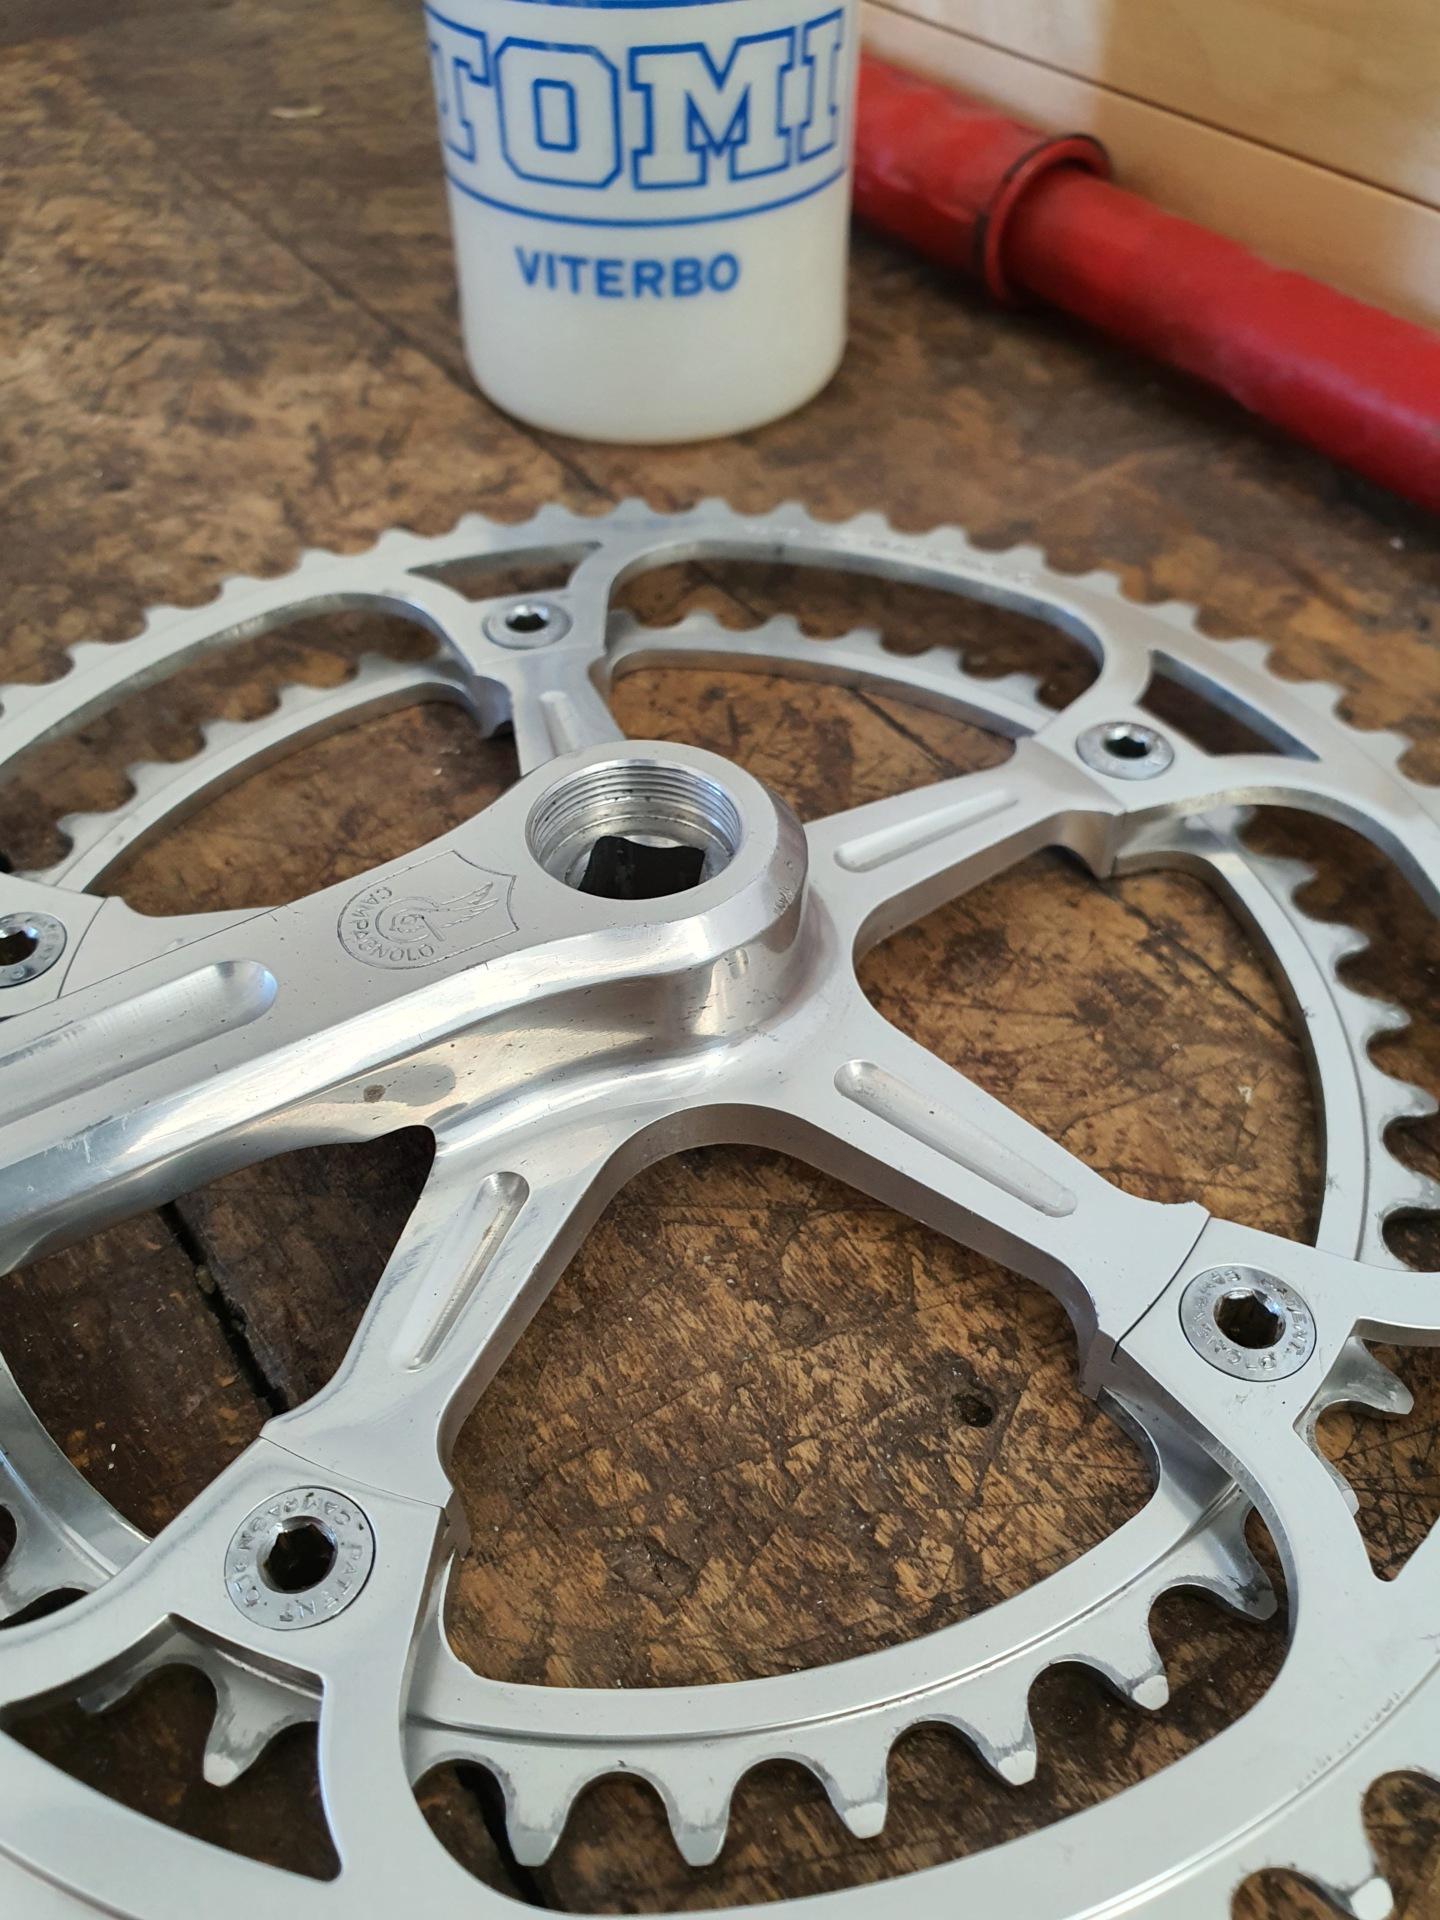 Restauration vélo TOMI 1977 (peut être). Cadre - peinture ou pas? 20211019